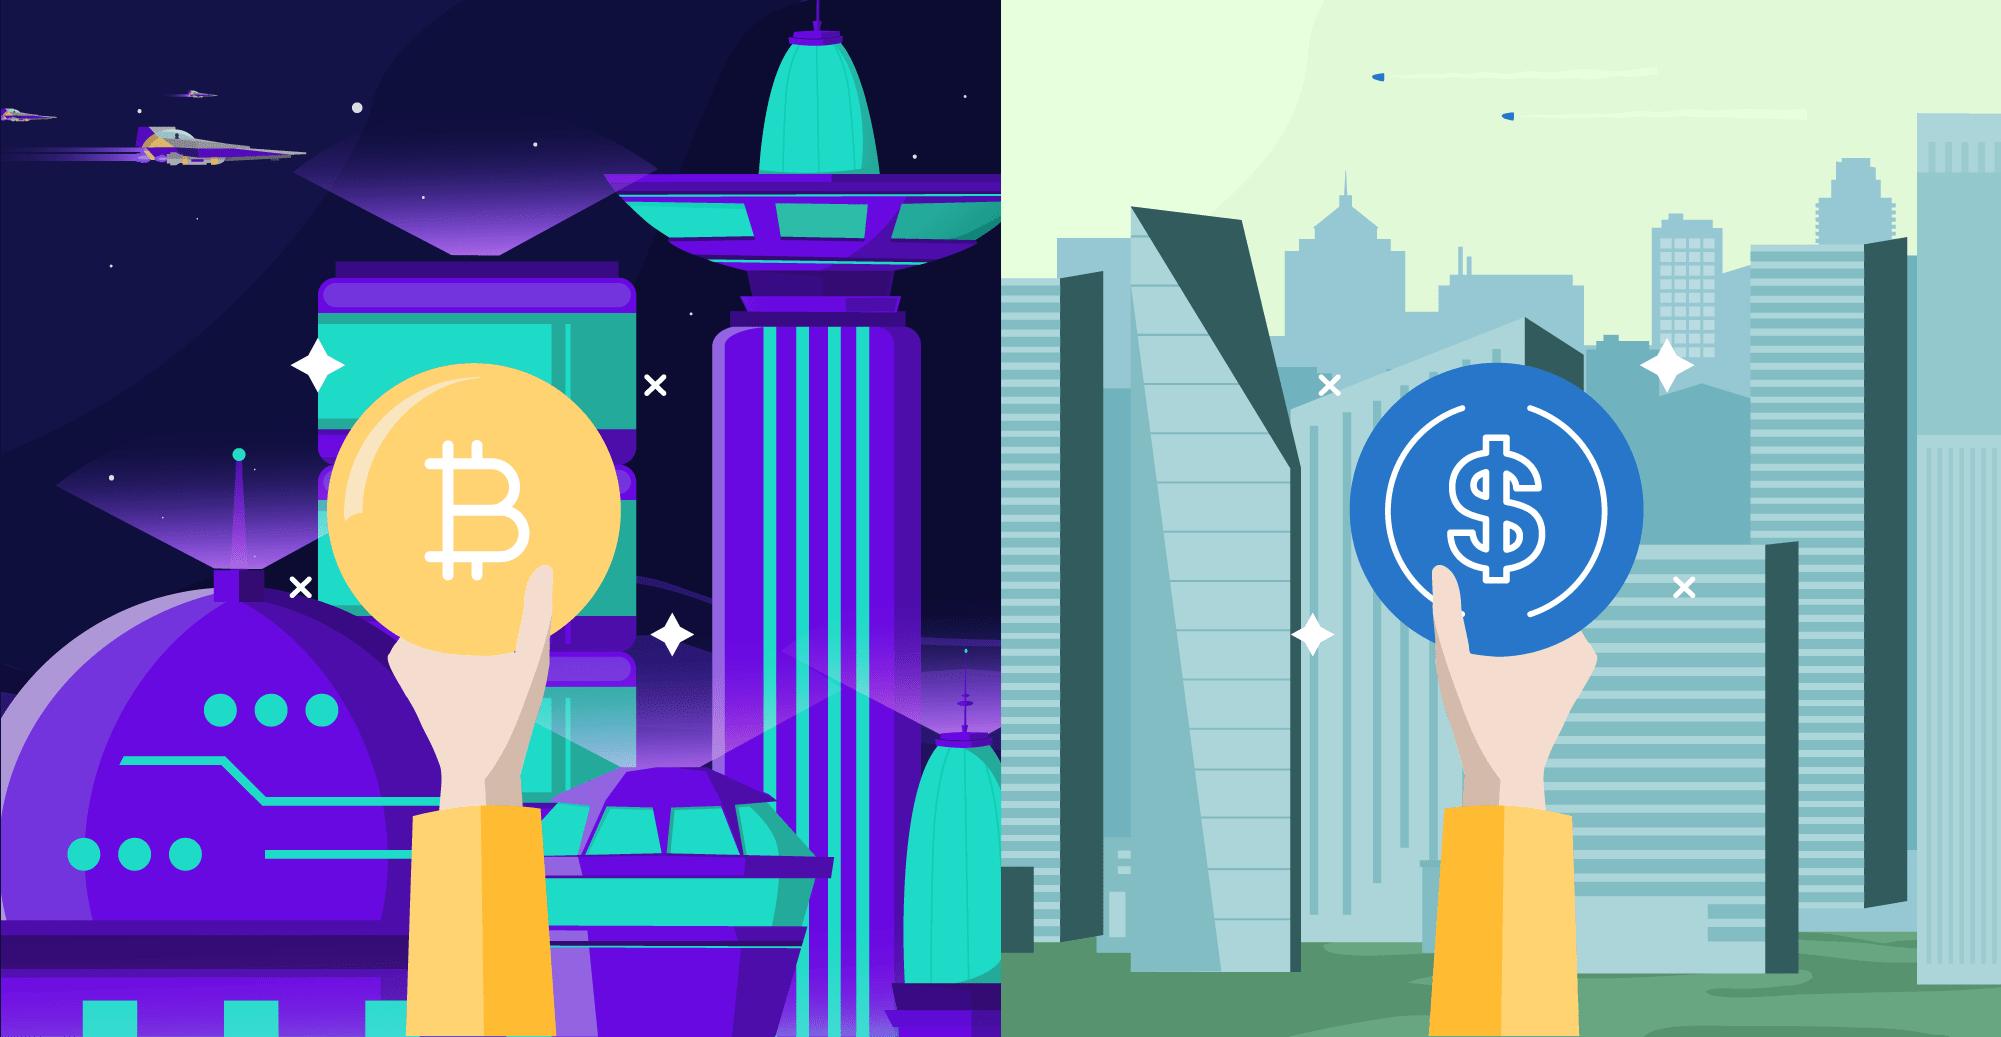 Bitcoin vs stablecoins